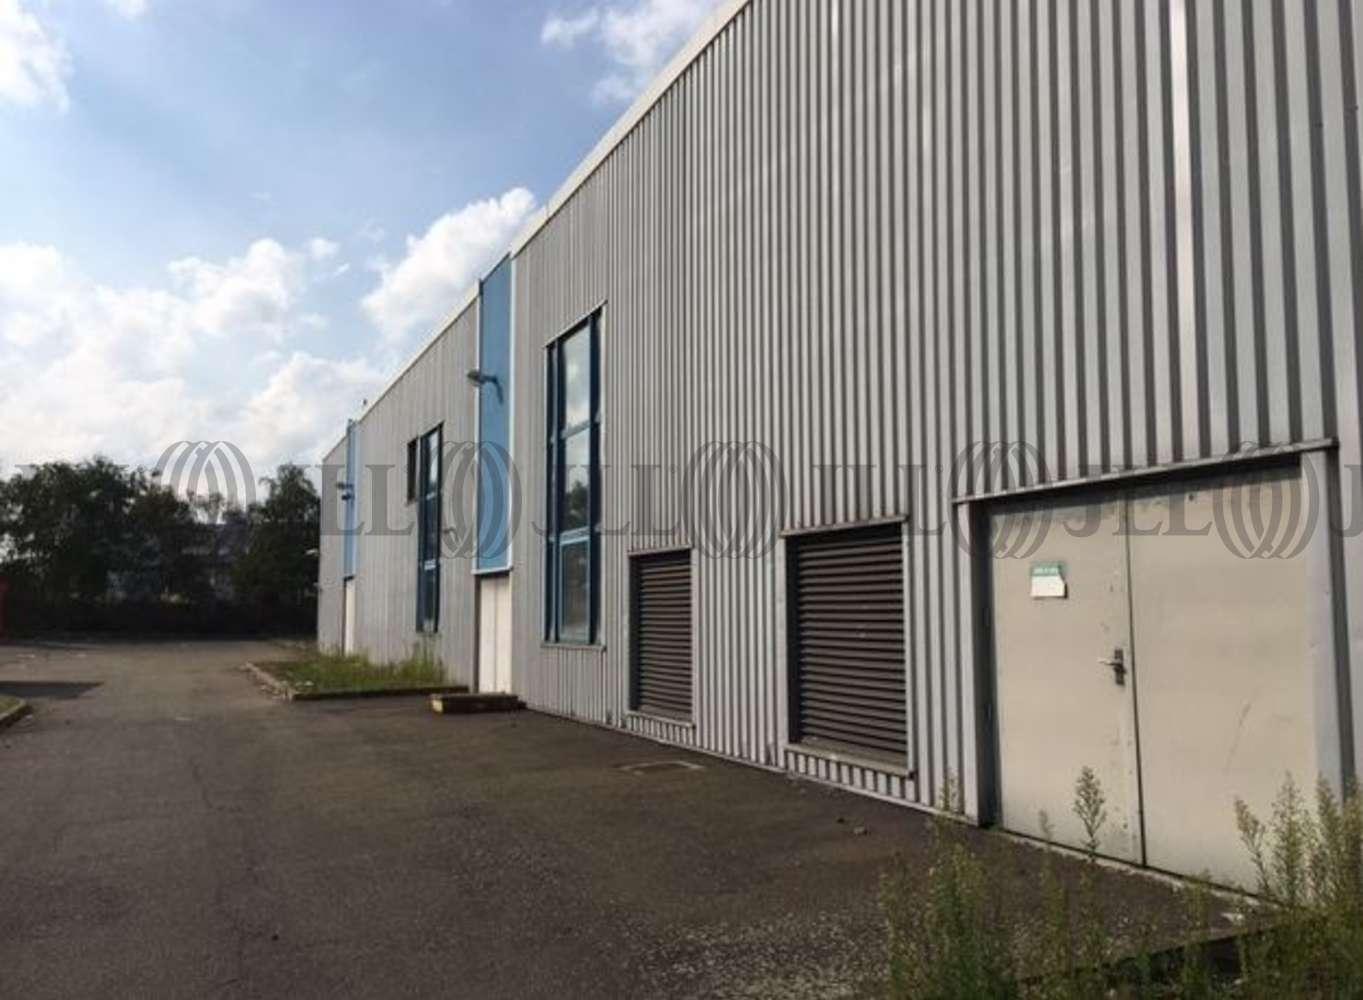 Activités/entrepôt Poissy, 78300 - 33-35 RUE CHARLES EDOUARD JEANNERET - 9462854